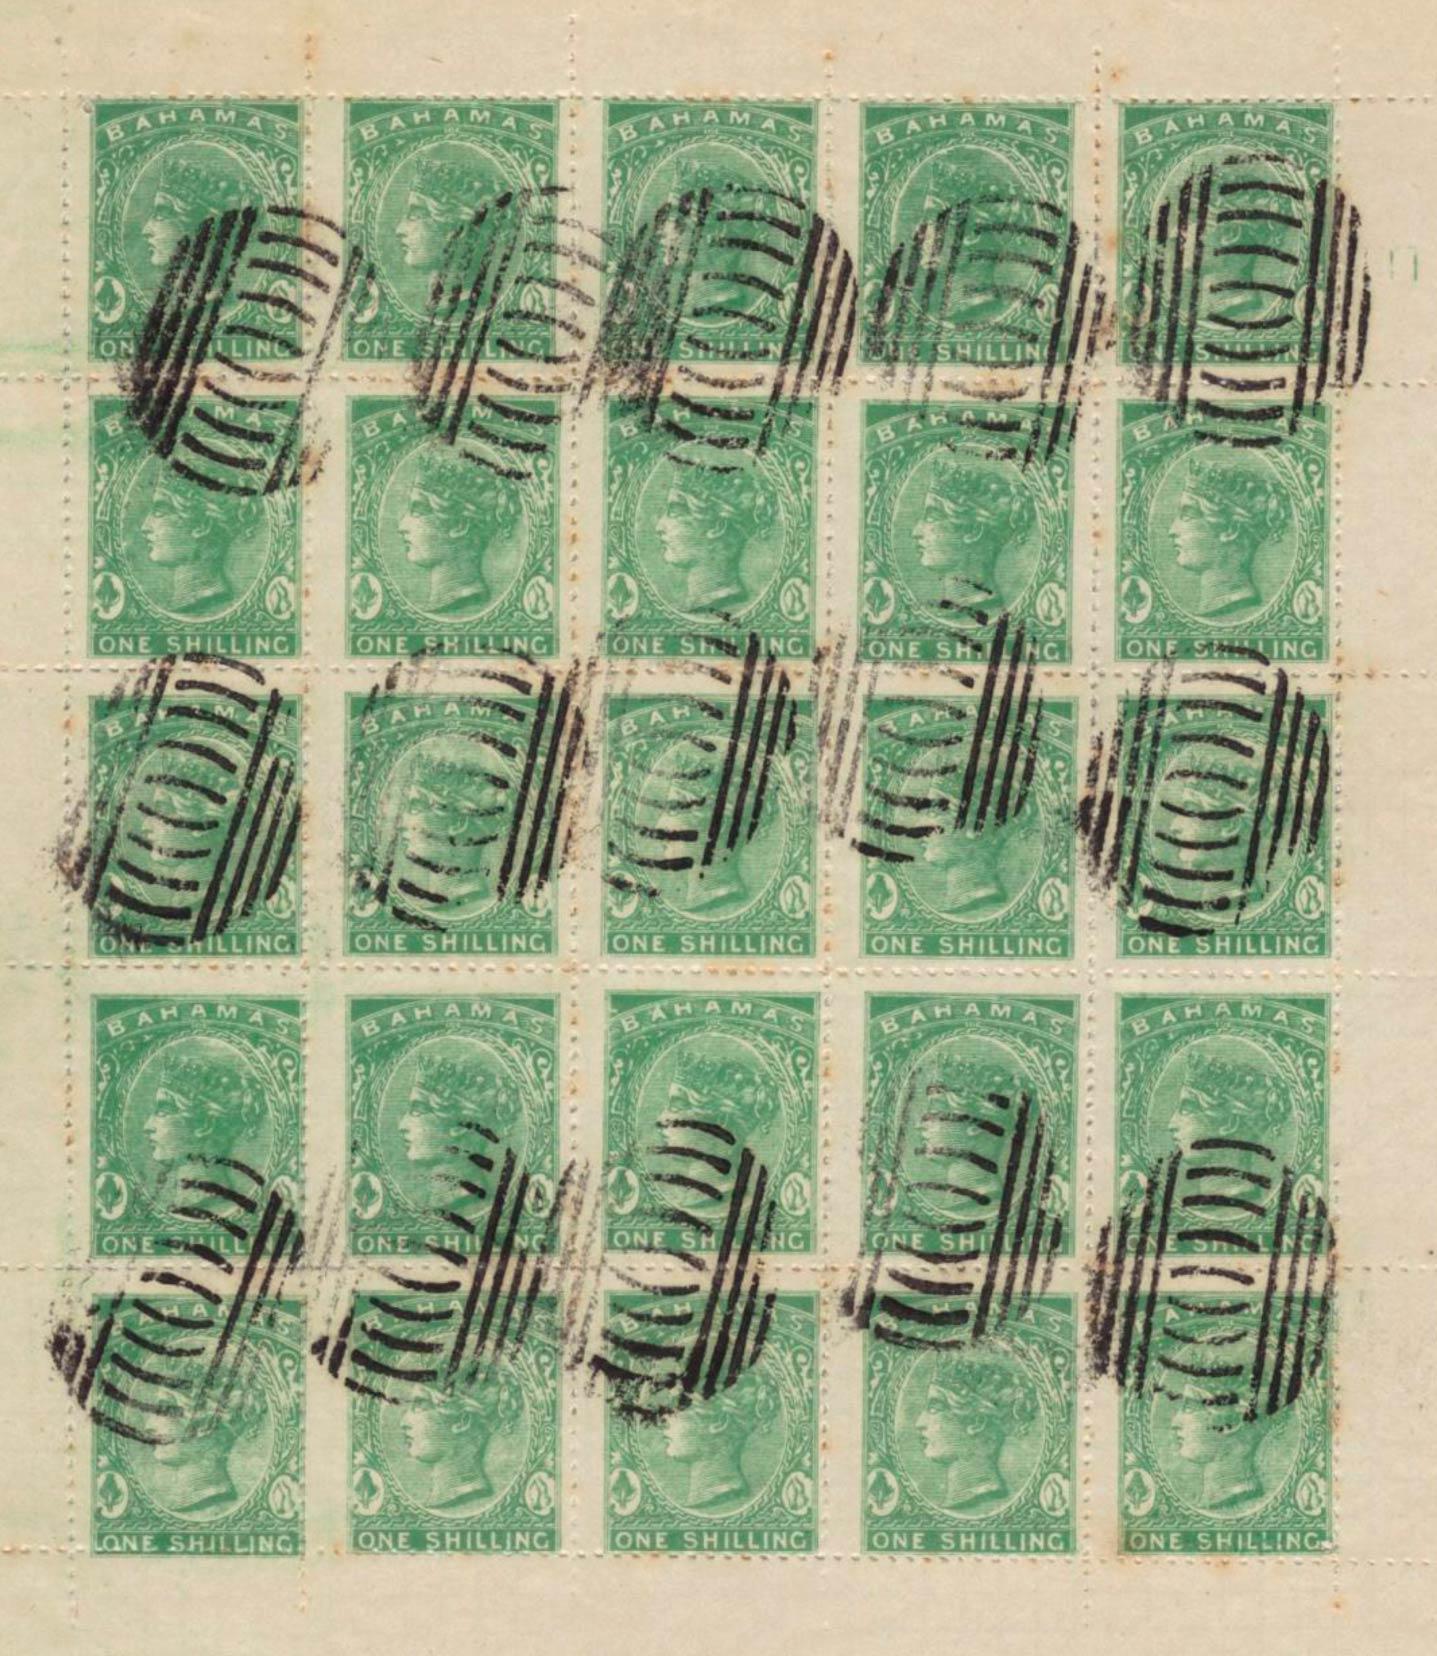 Bahamas_1865_1s_Spiro-sheet_Forgery